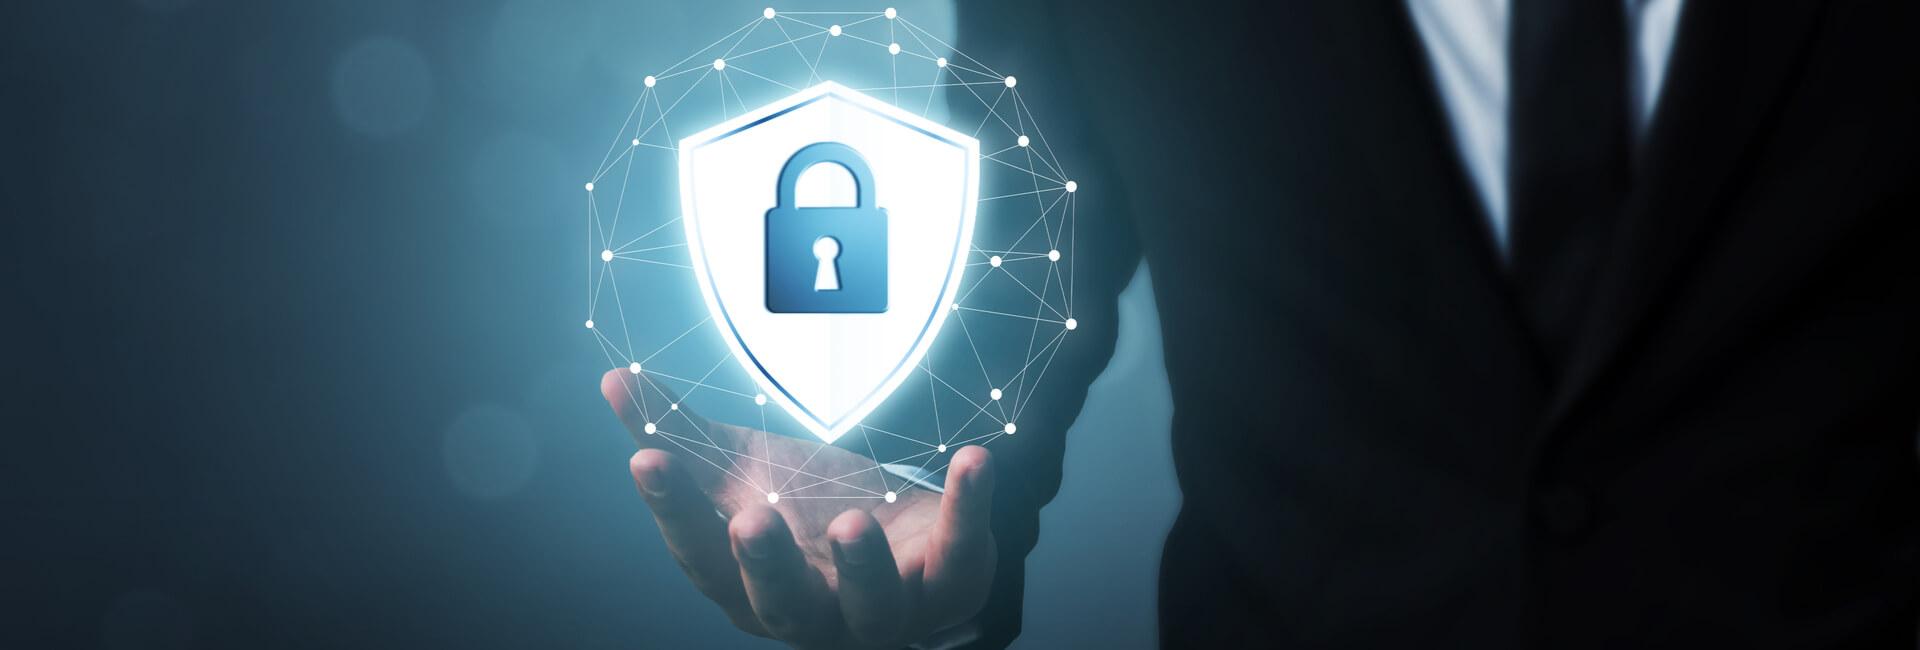 Cybersecurity per il finance: il frame intelligente di Wiit